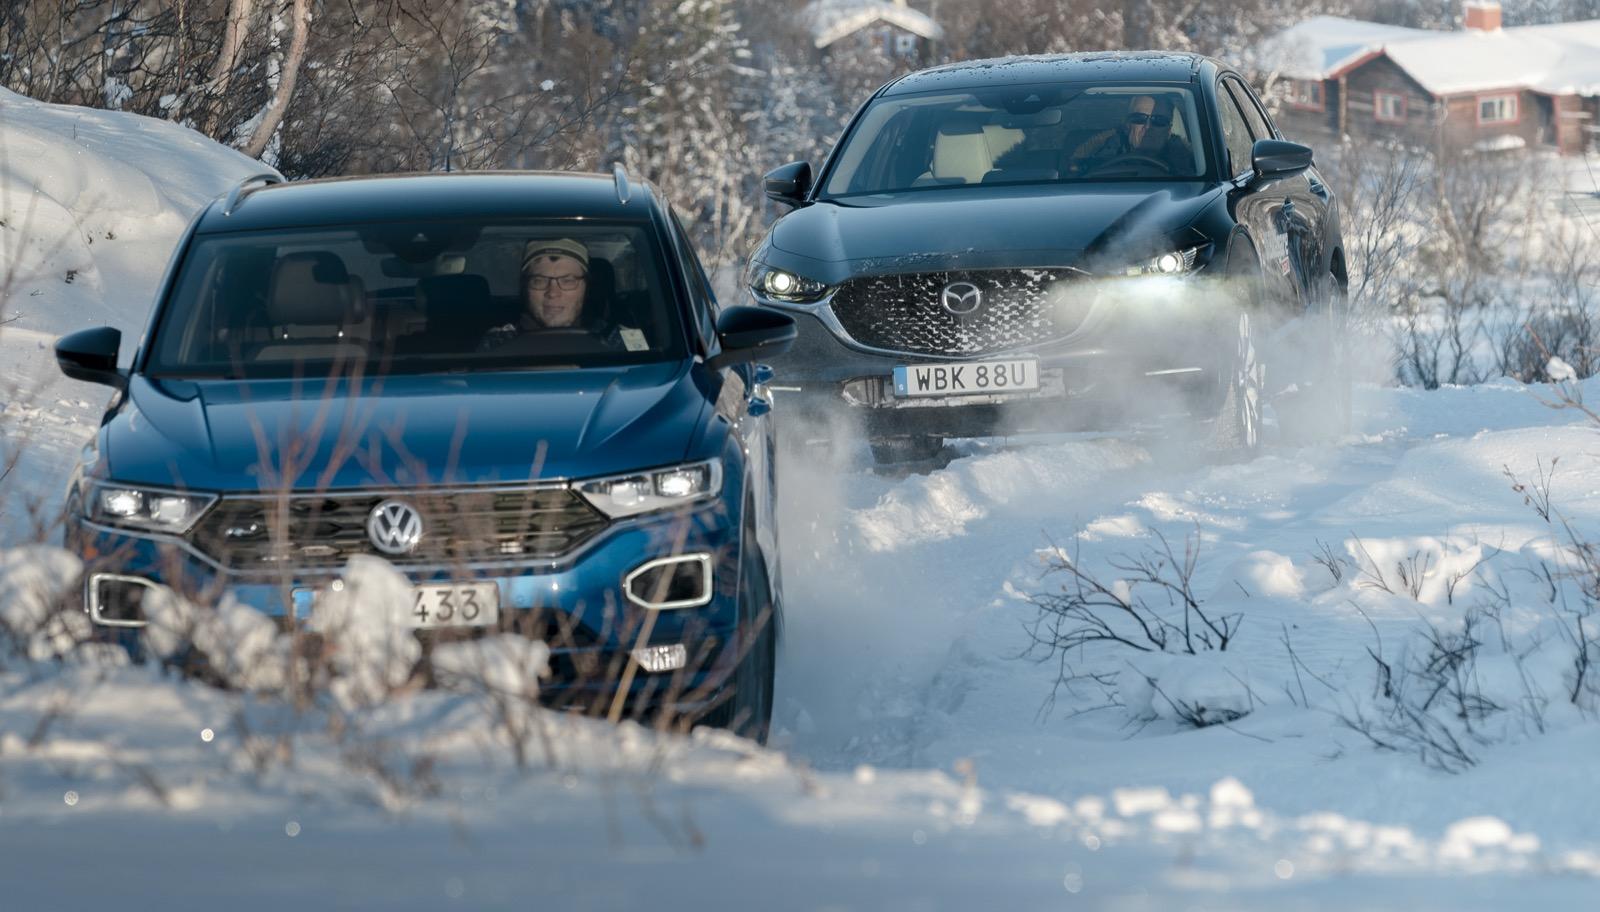 Tänndalen: T-Roc leder vägen upp för Svansjökläppsvägen. Några hundra meter upp slutar vägen vid en parkering för fjällvandrare. Årstiderna avgör när vägen är farbar. Testlaget mötte ungefär 15 centimeter snö, men bitvis var snötäcket betydligt djupare. Se bilder 1–3 på nästa sida.